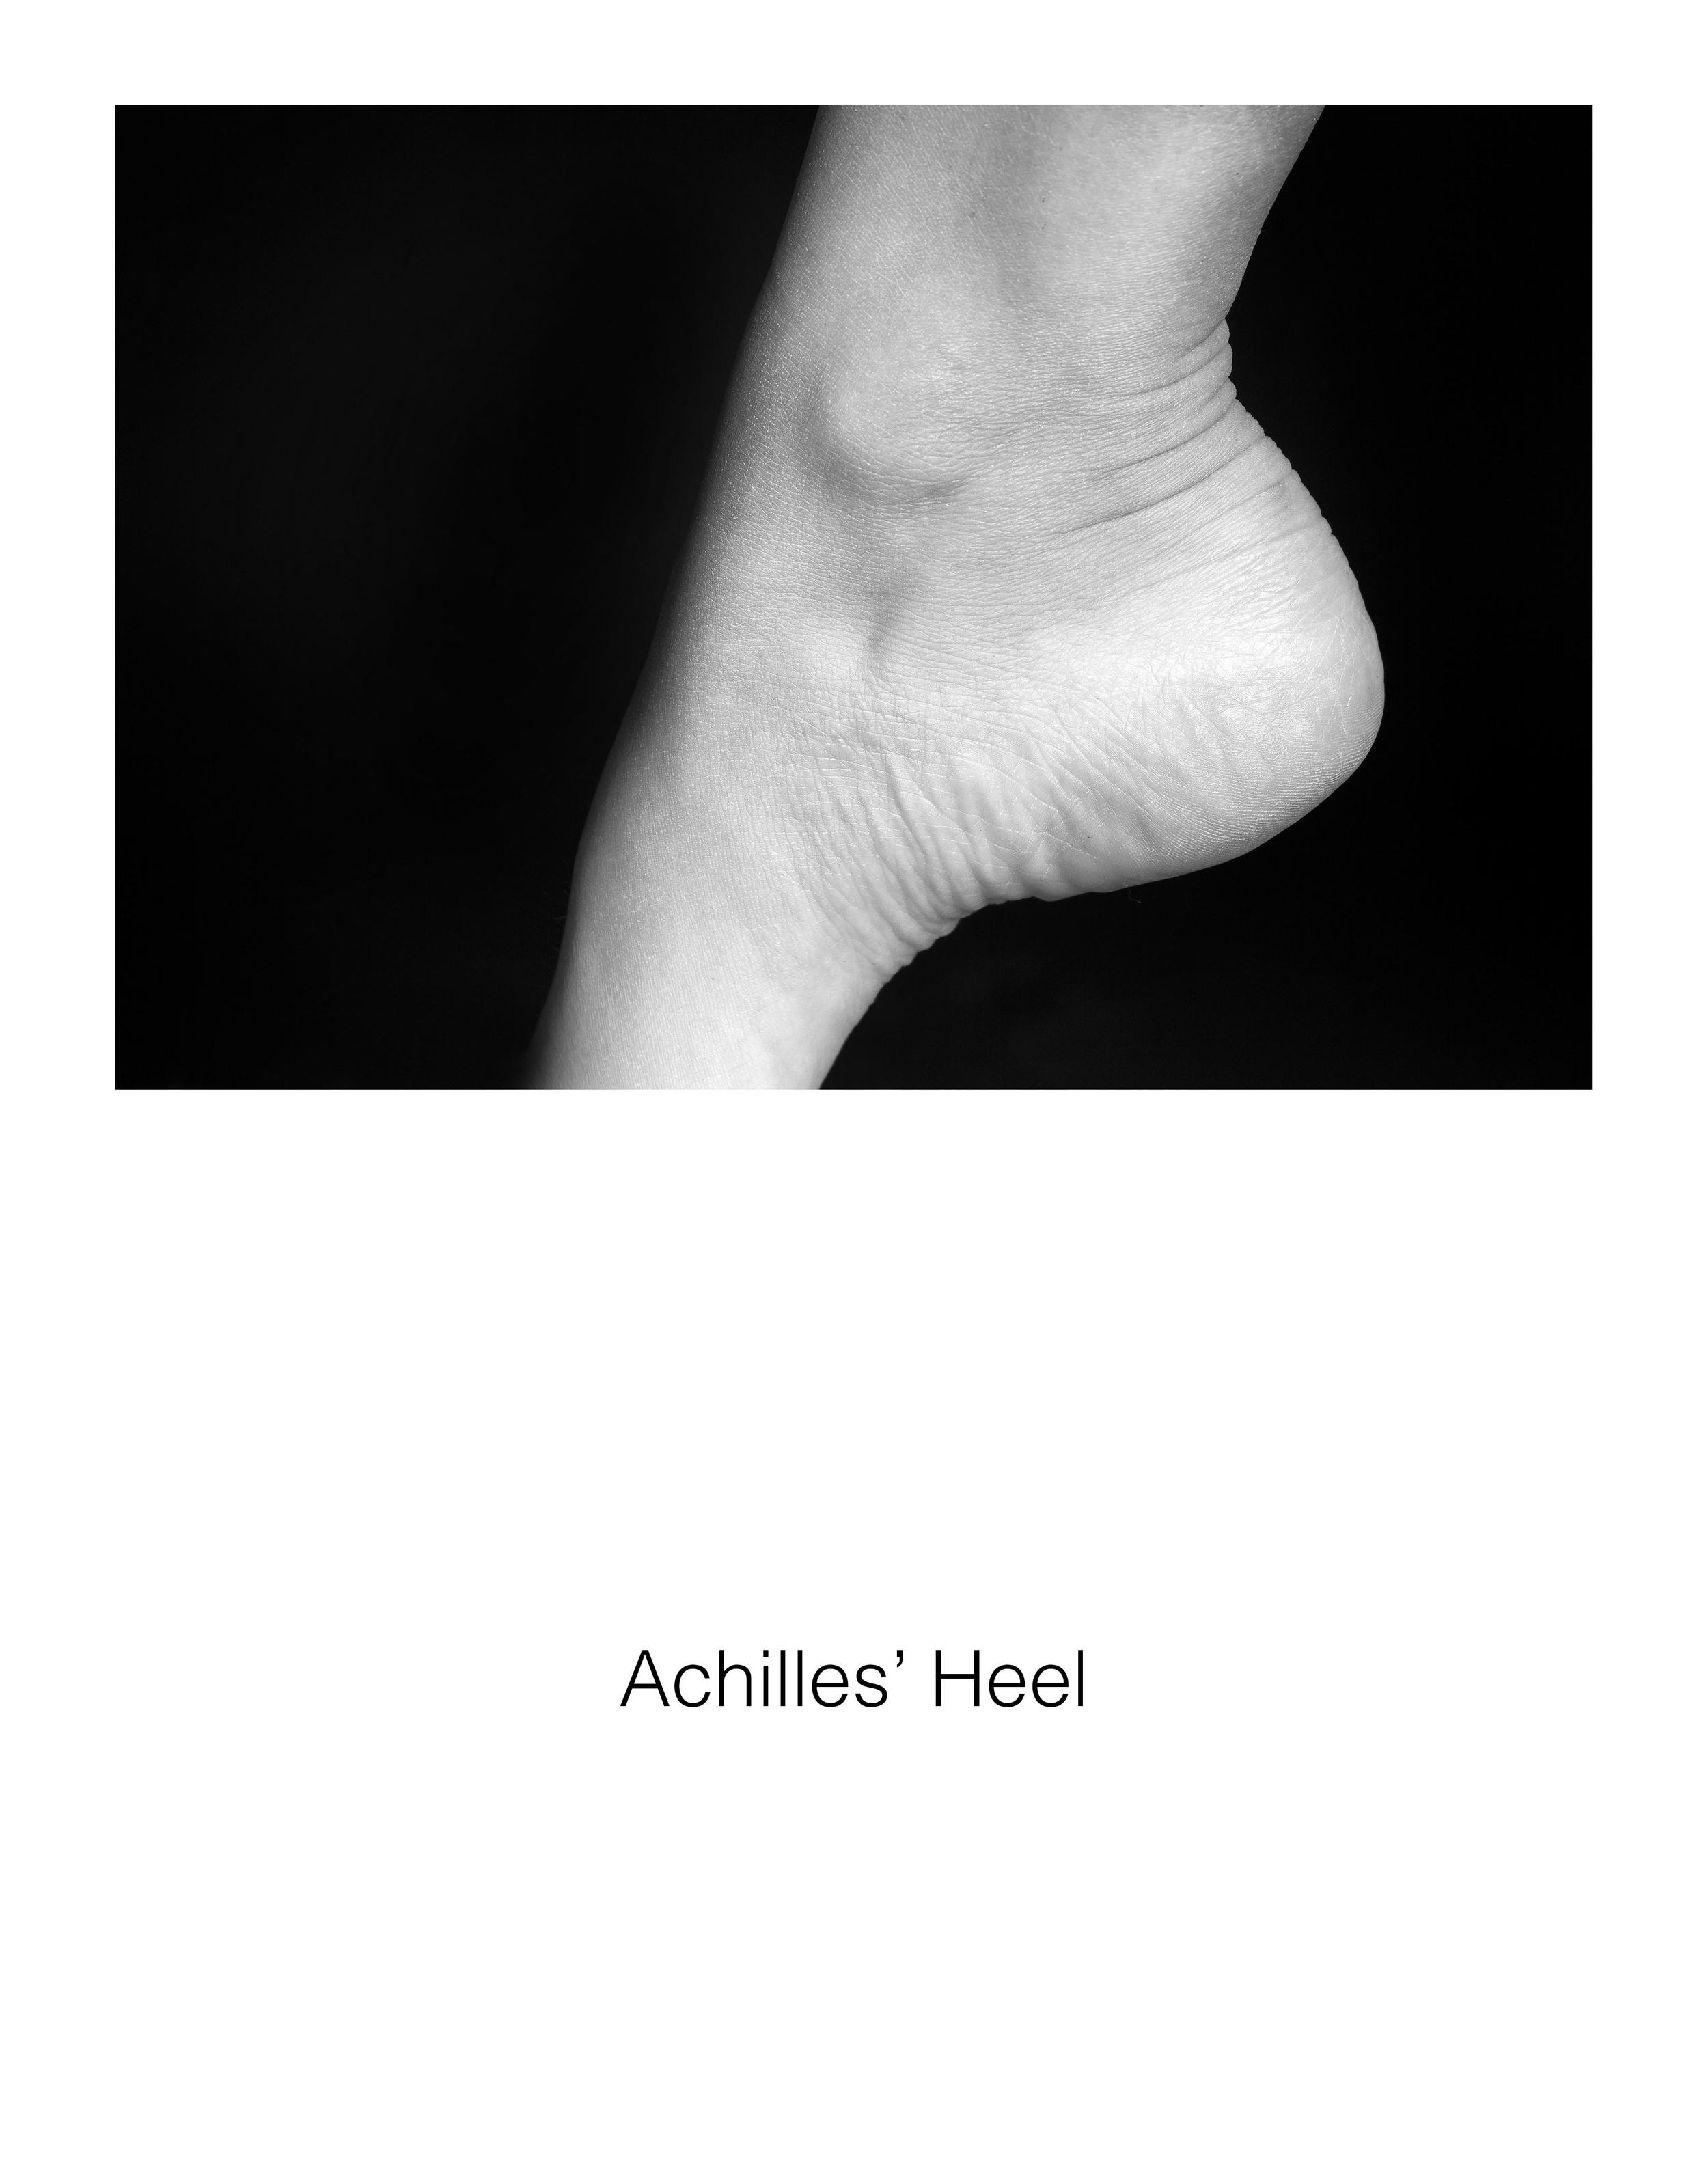 Achilles'heel.jpg